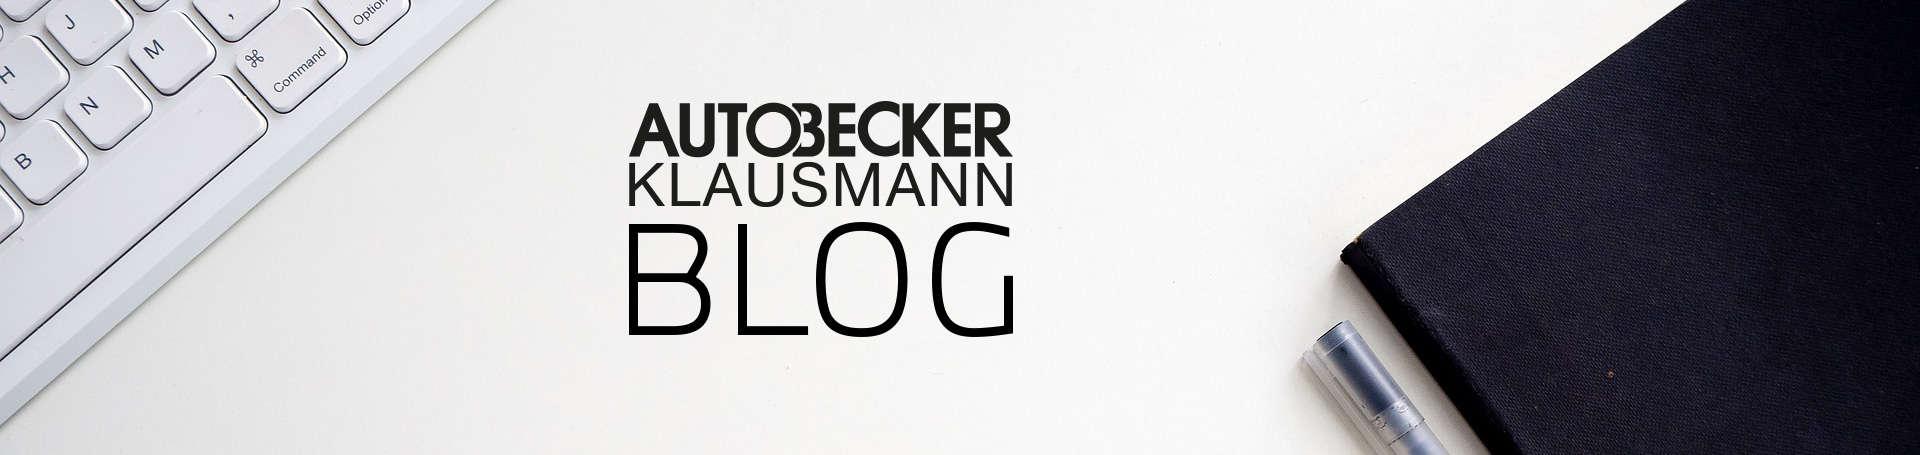 Auto Becker Klausmann Blog